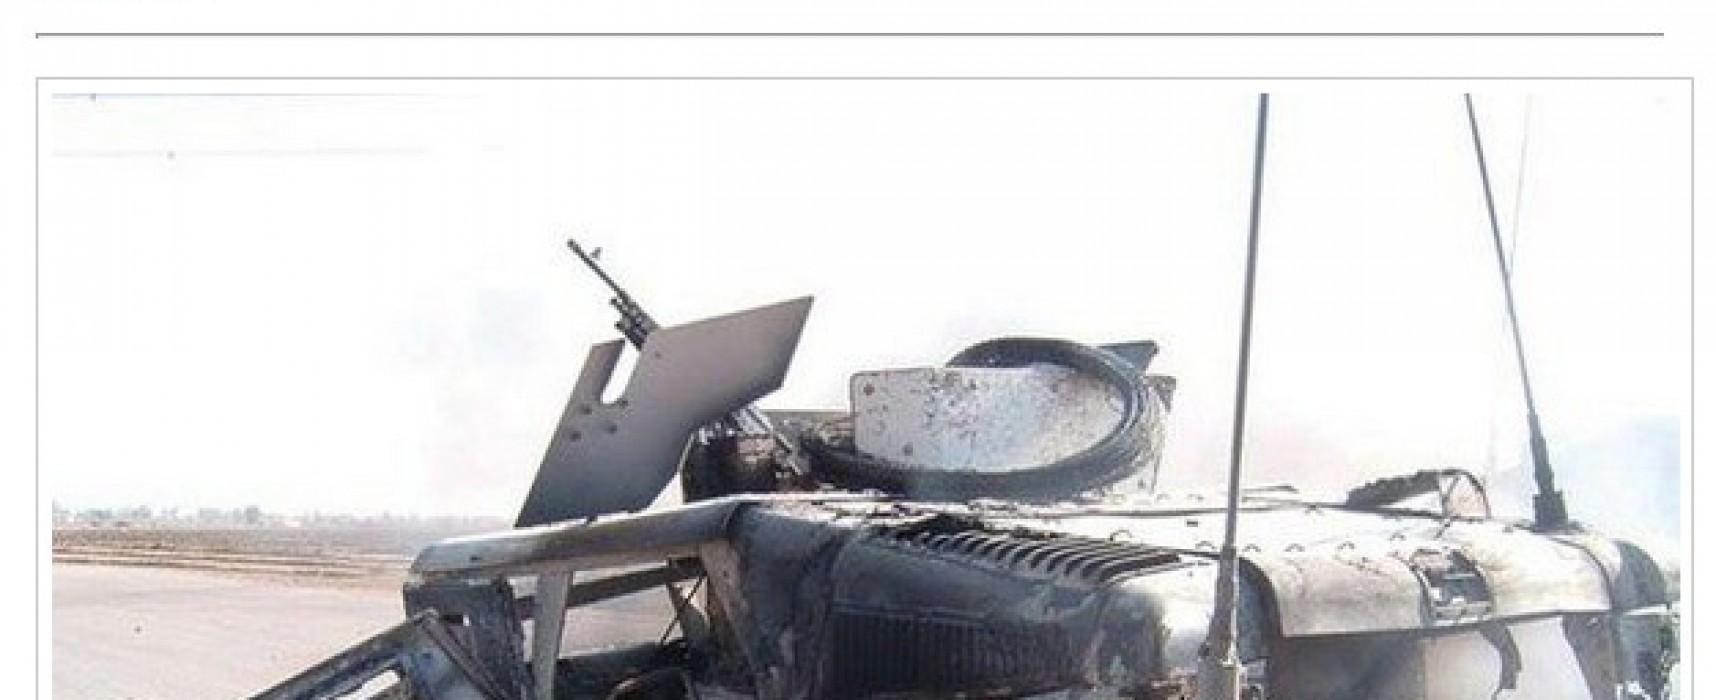 Фотофейк: донецкие партизаны уничтожили американский Hummer